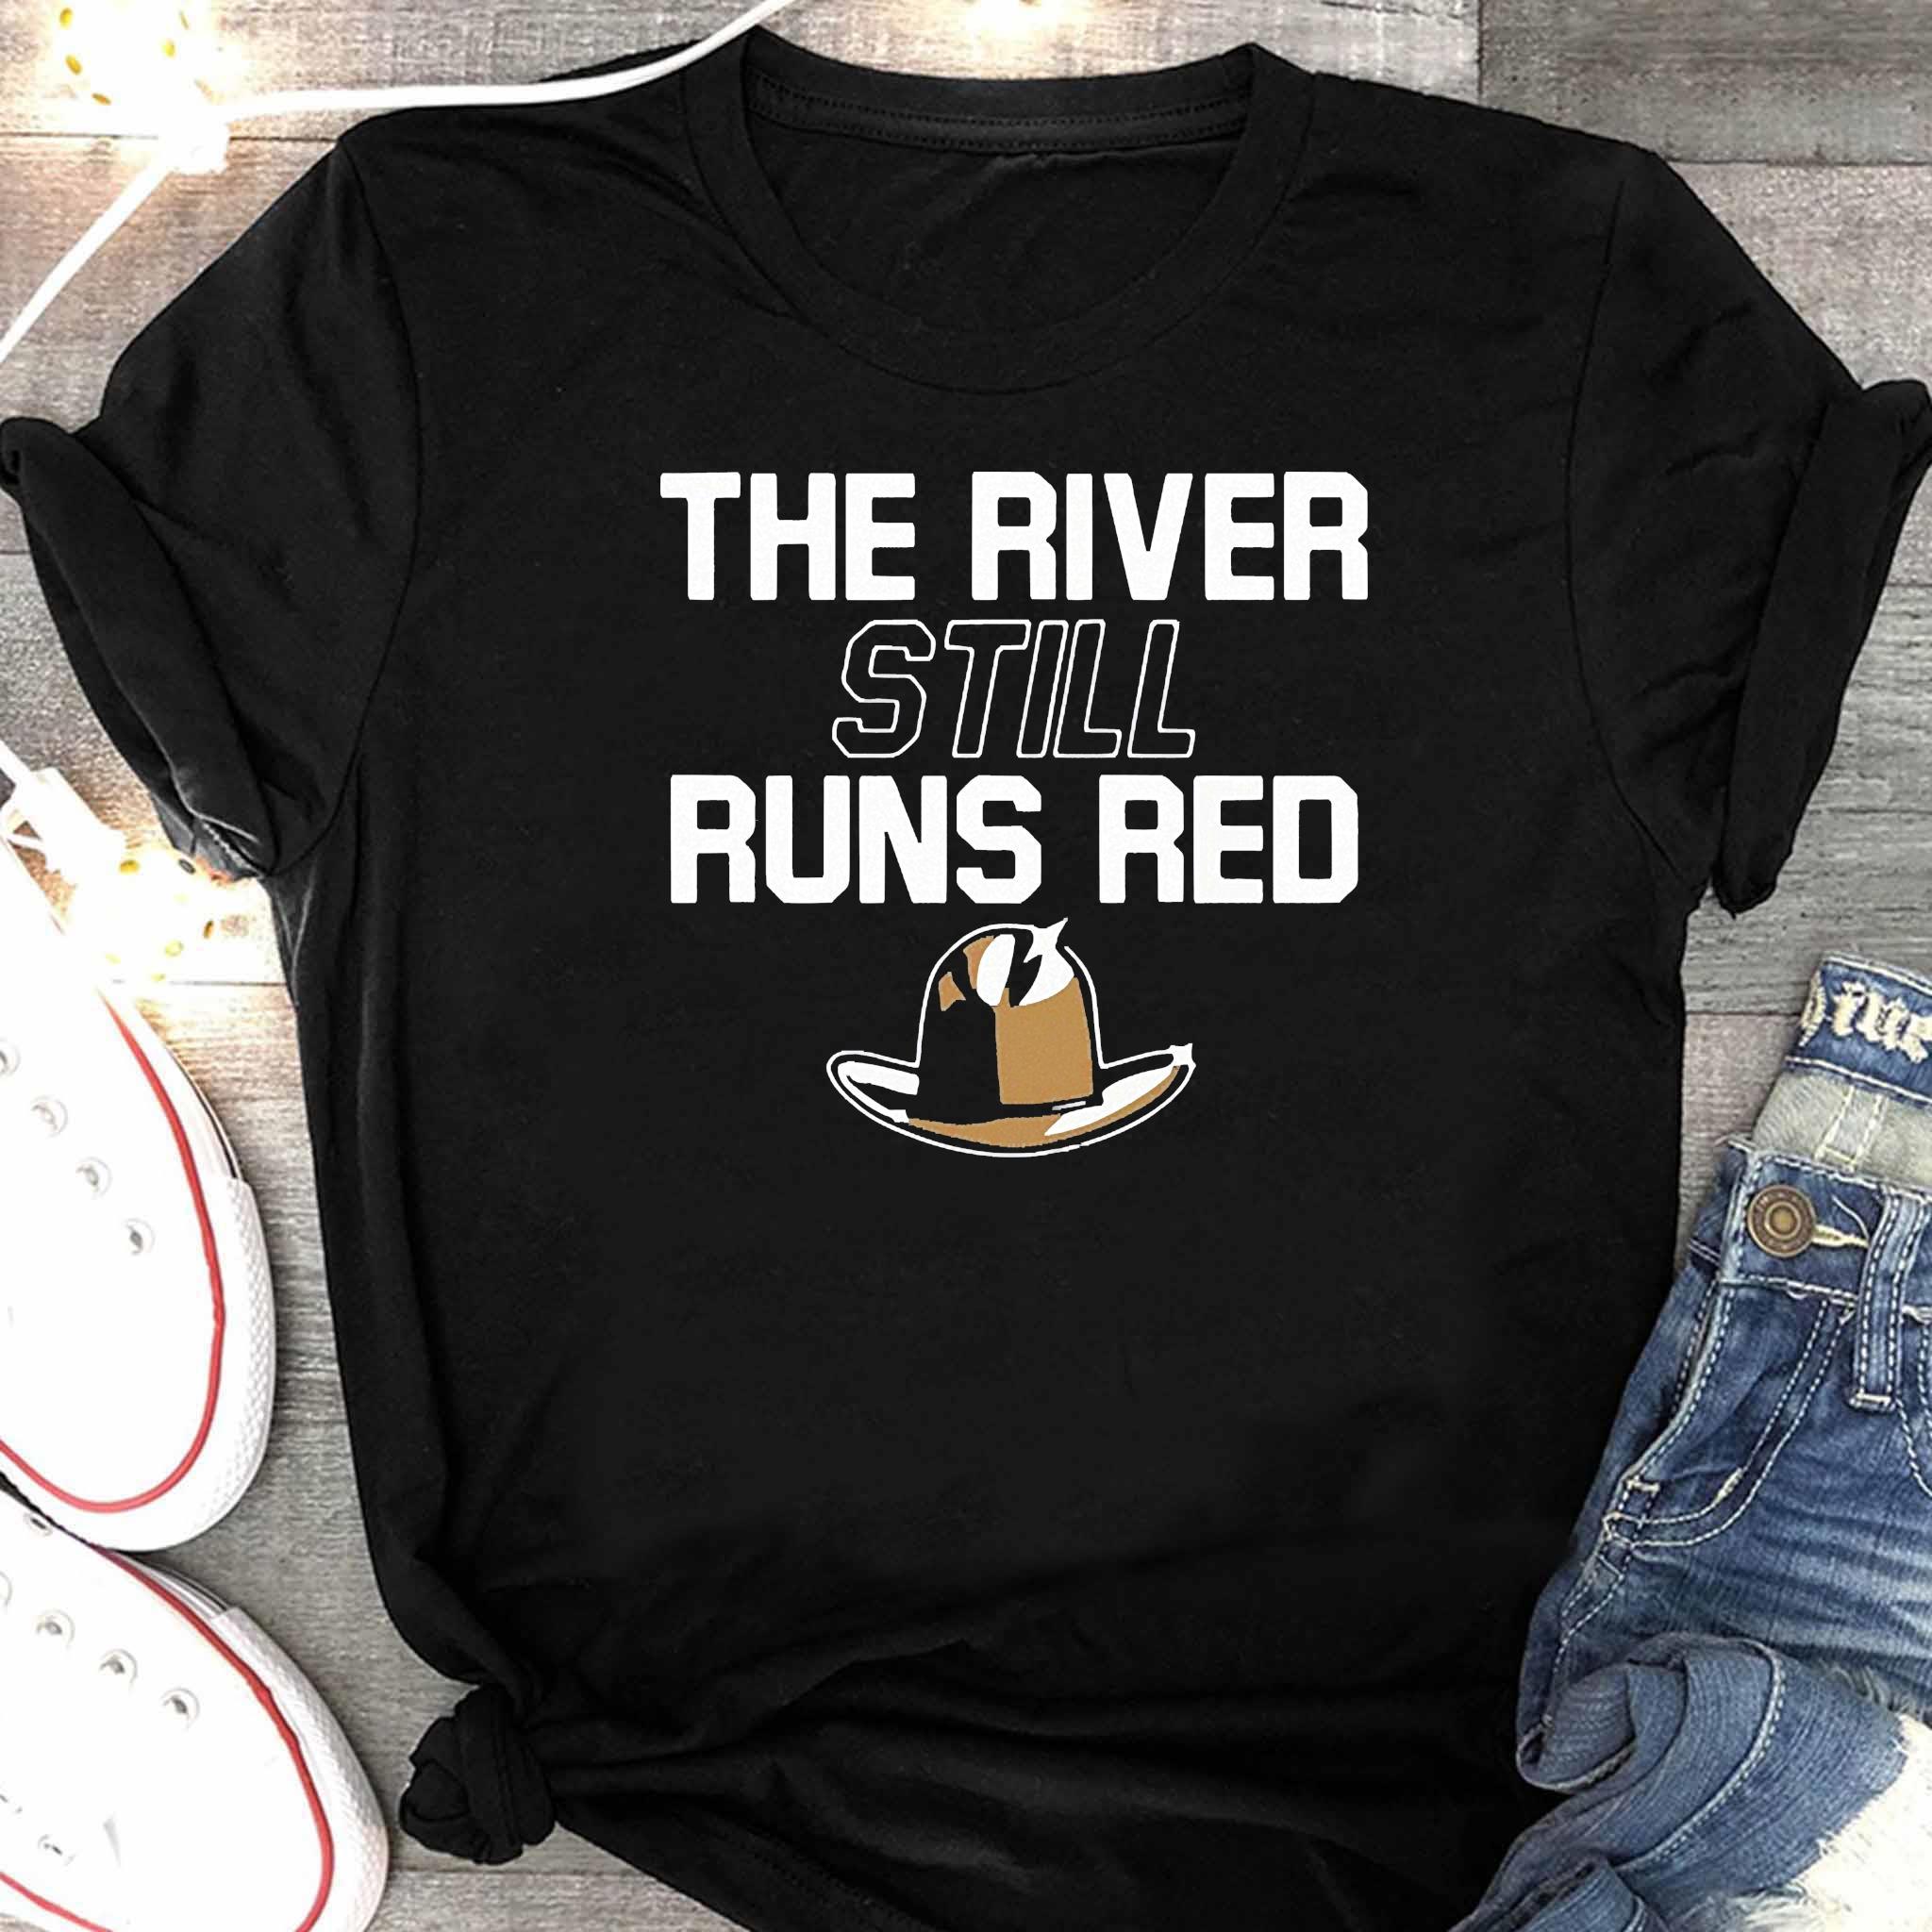 The River Still Runs Red Shirt Women's Shirt